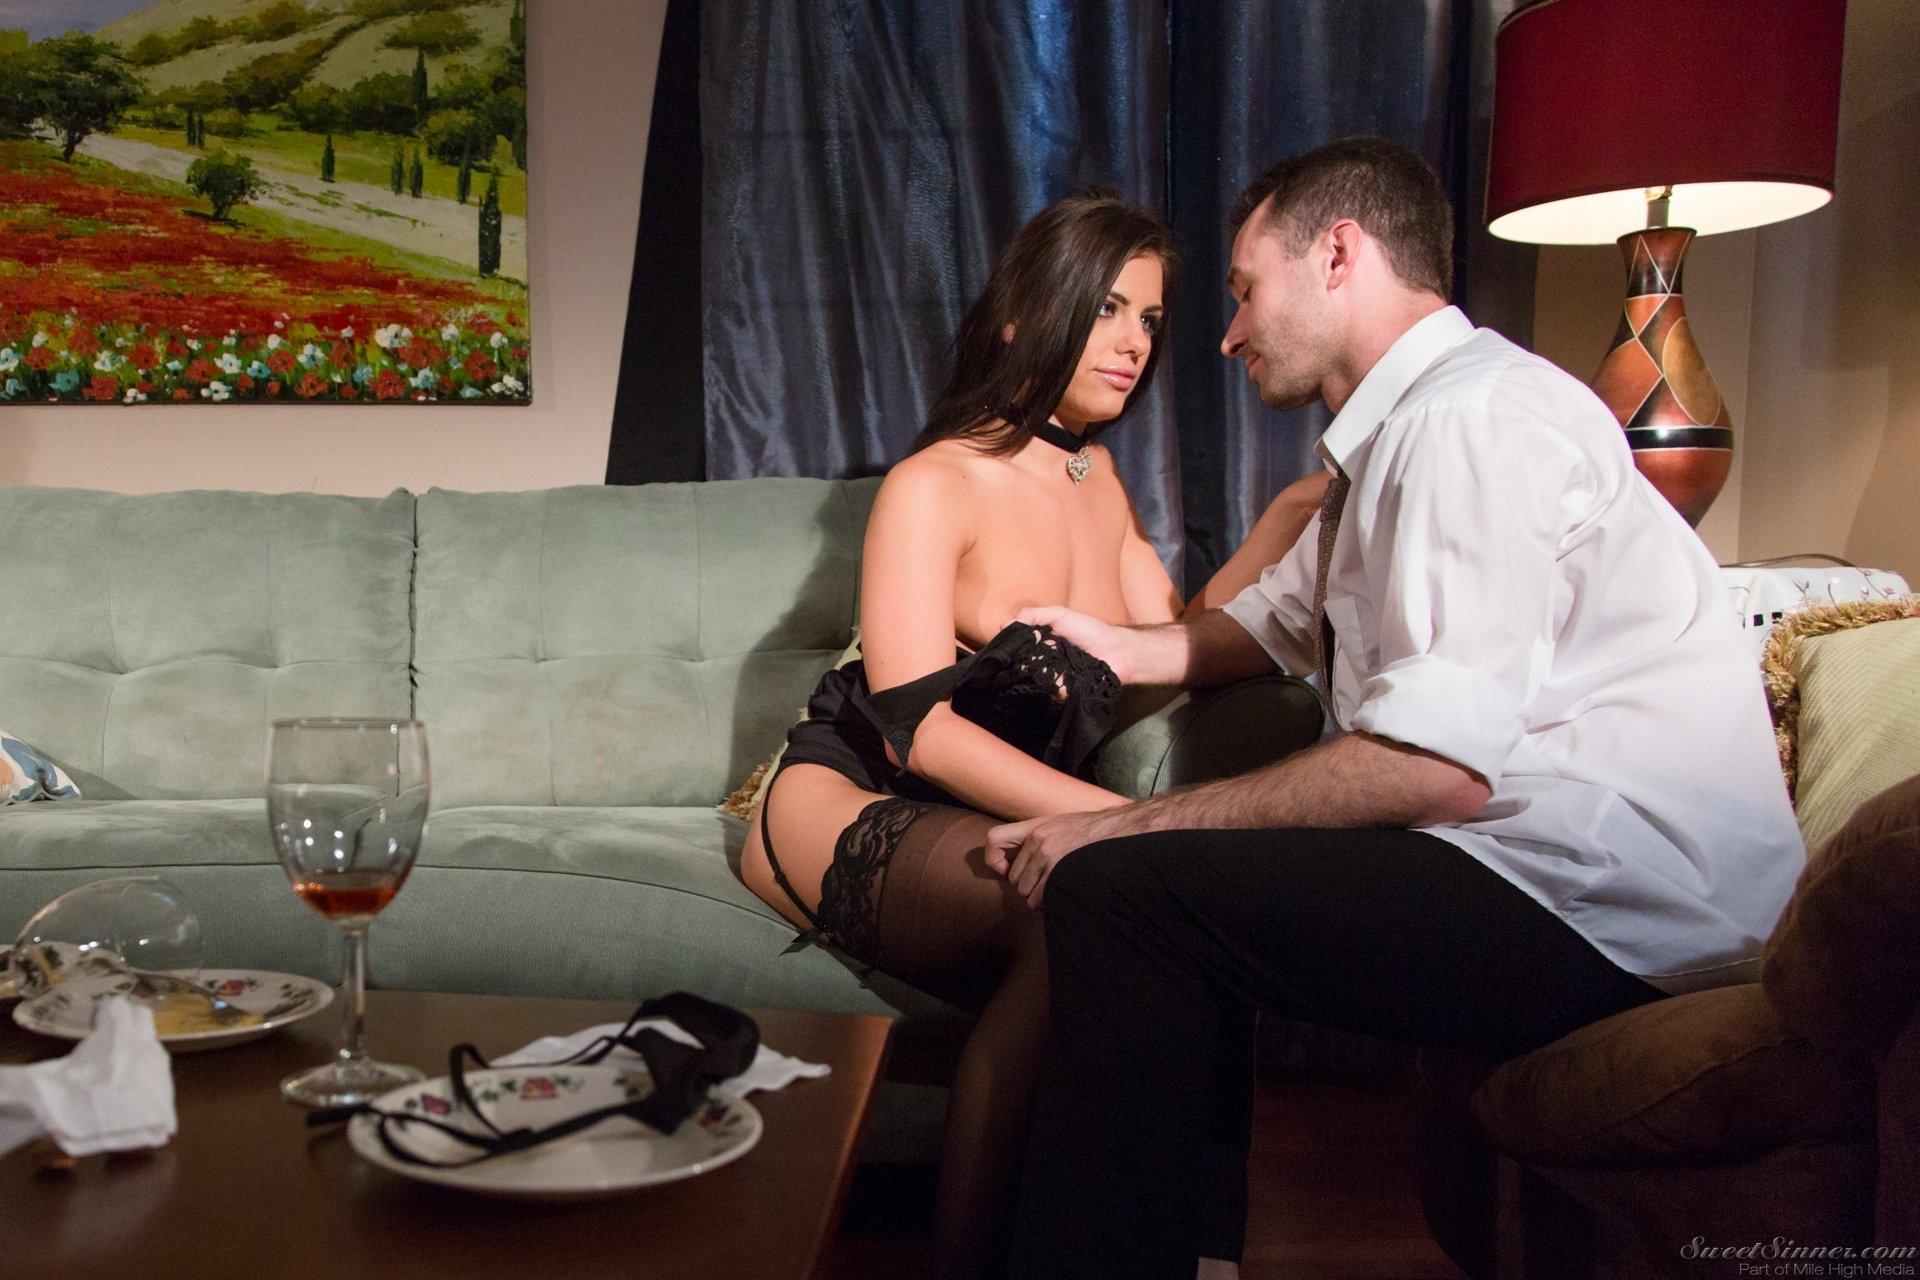 Пьяные - Порно фото галерея 1063341